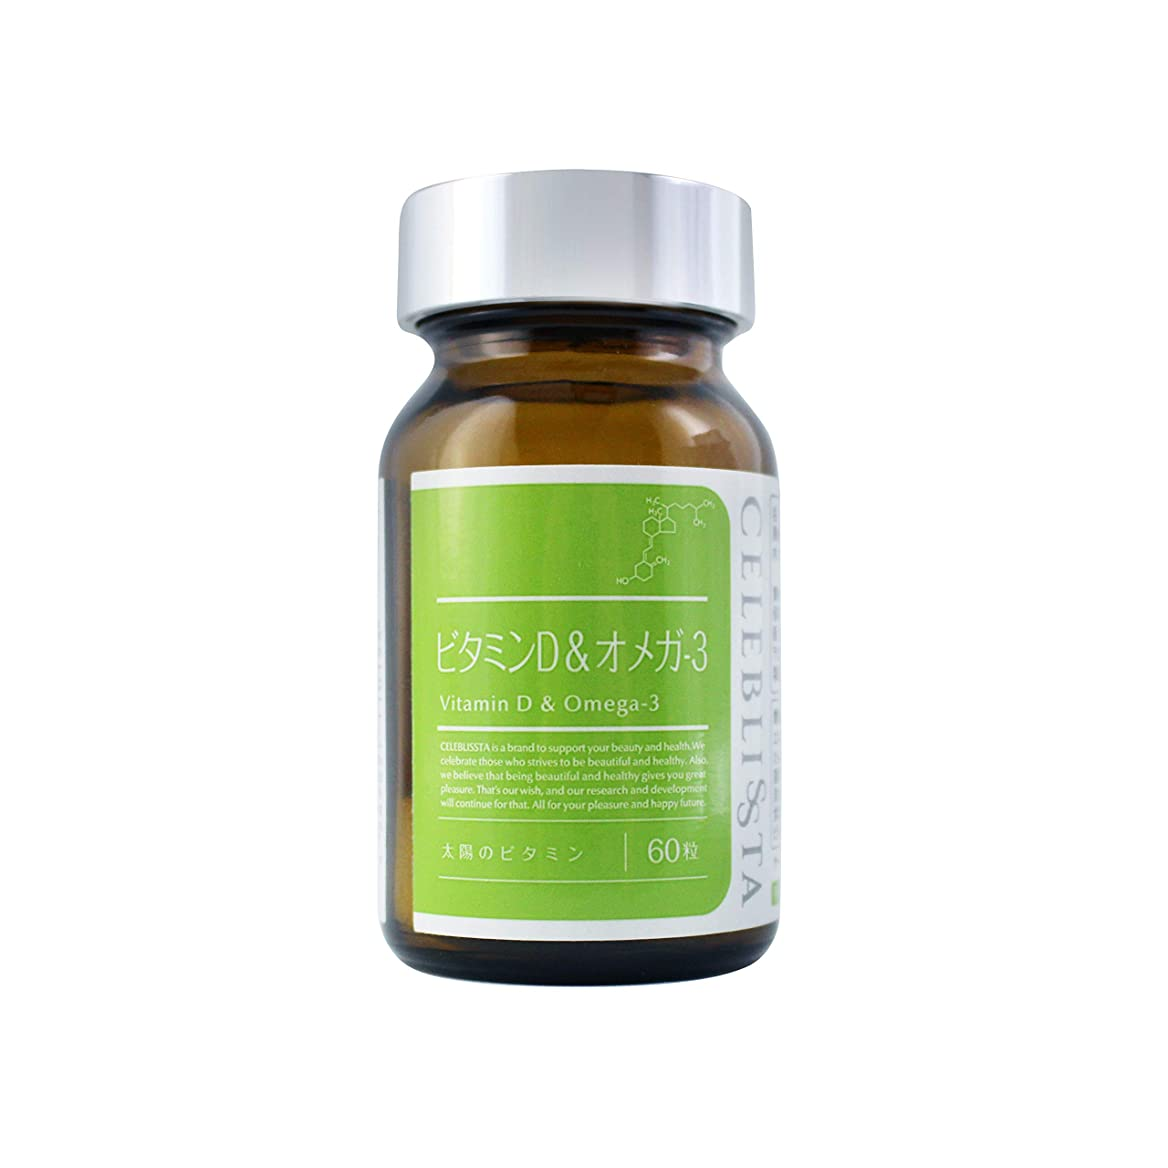 中古釈義好みCELEBLISSTA ( セレブリスタ ) サプリメント ビタミンD&オメガ-3 [ 基礎サプリ ビタミンD / 60日分 60粒 ] サーモンオイル配合 ( 日本製 )